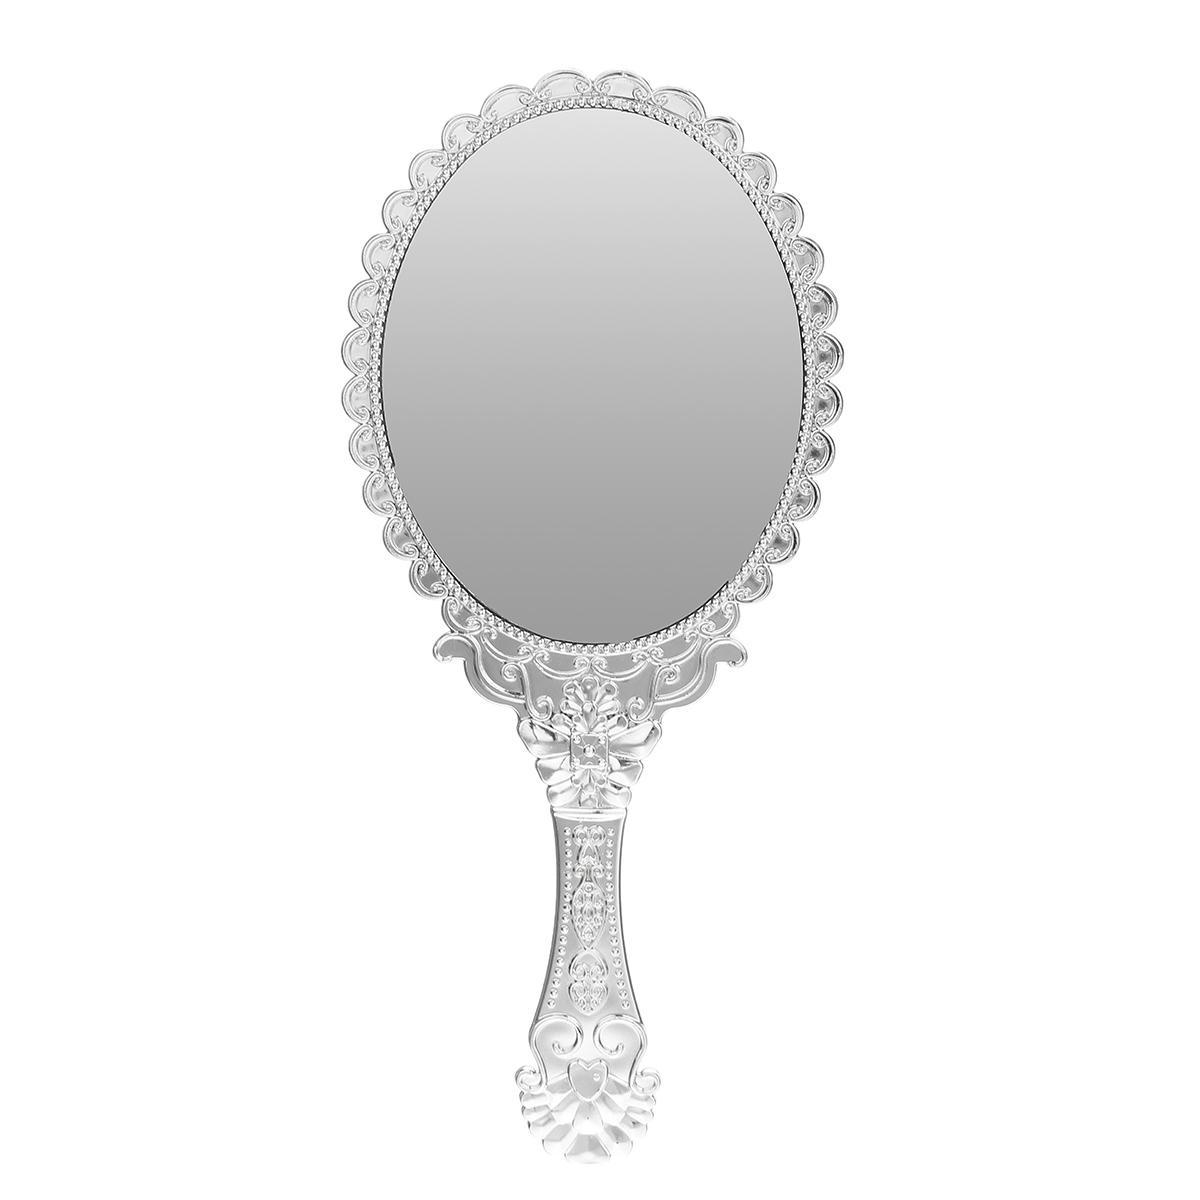 1 stücke Nette Silber Vintage Damen Blumen Repousse Oval Runde Make-Up Hand Halten Spiegel Prinzessin Dame Make-Up Schönheit Kommode Geschenk